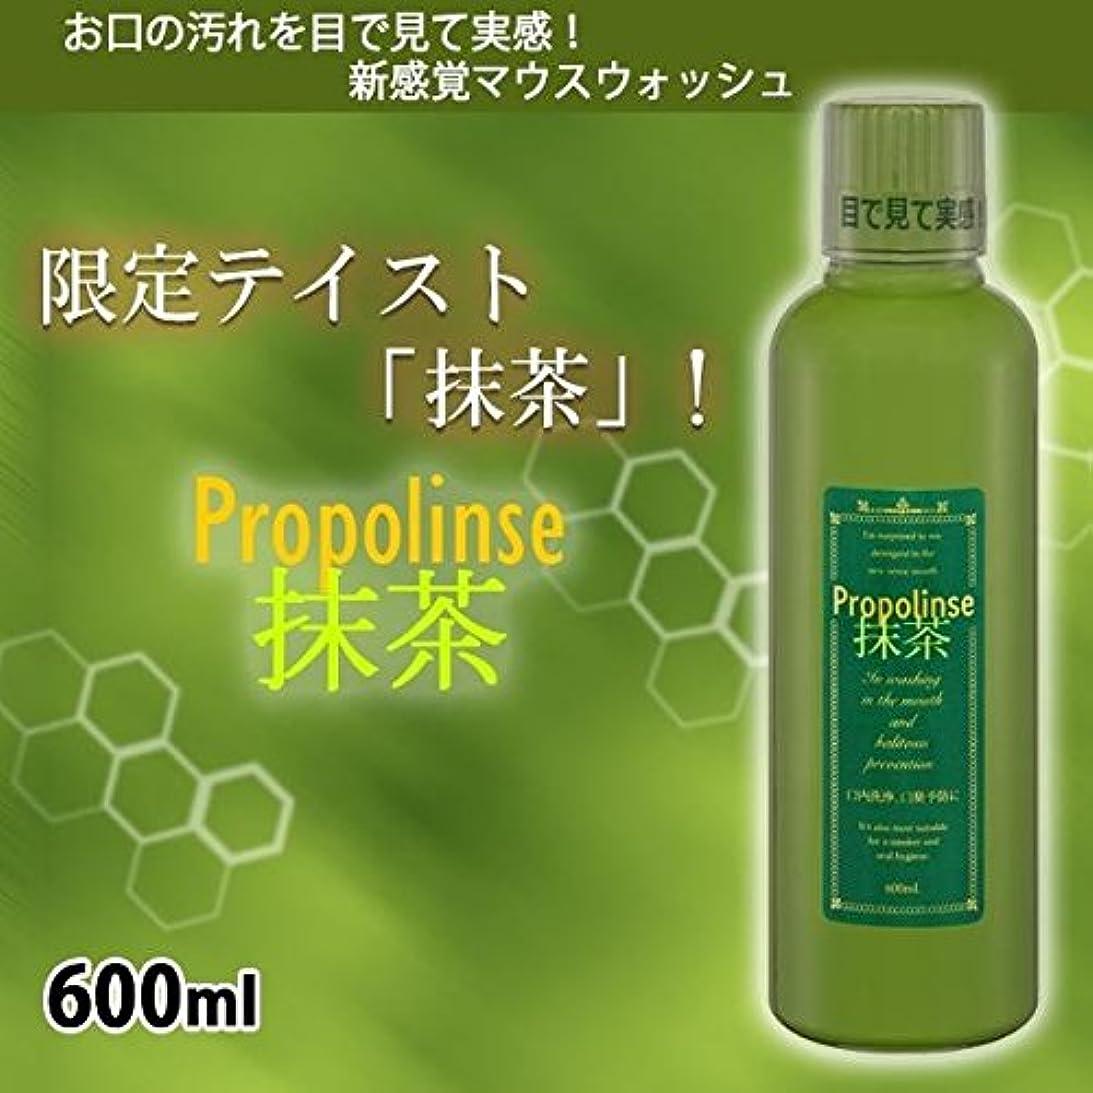 東トラップ動かすプロポリンス 抹茶 (マウスウォッシュ) 600ml